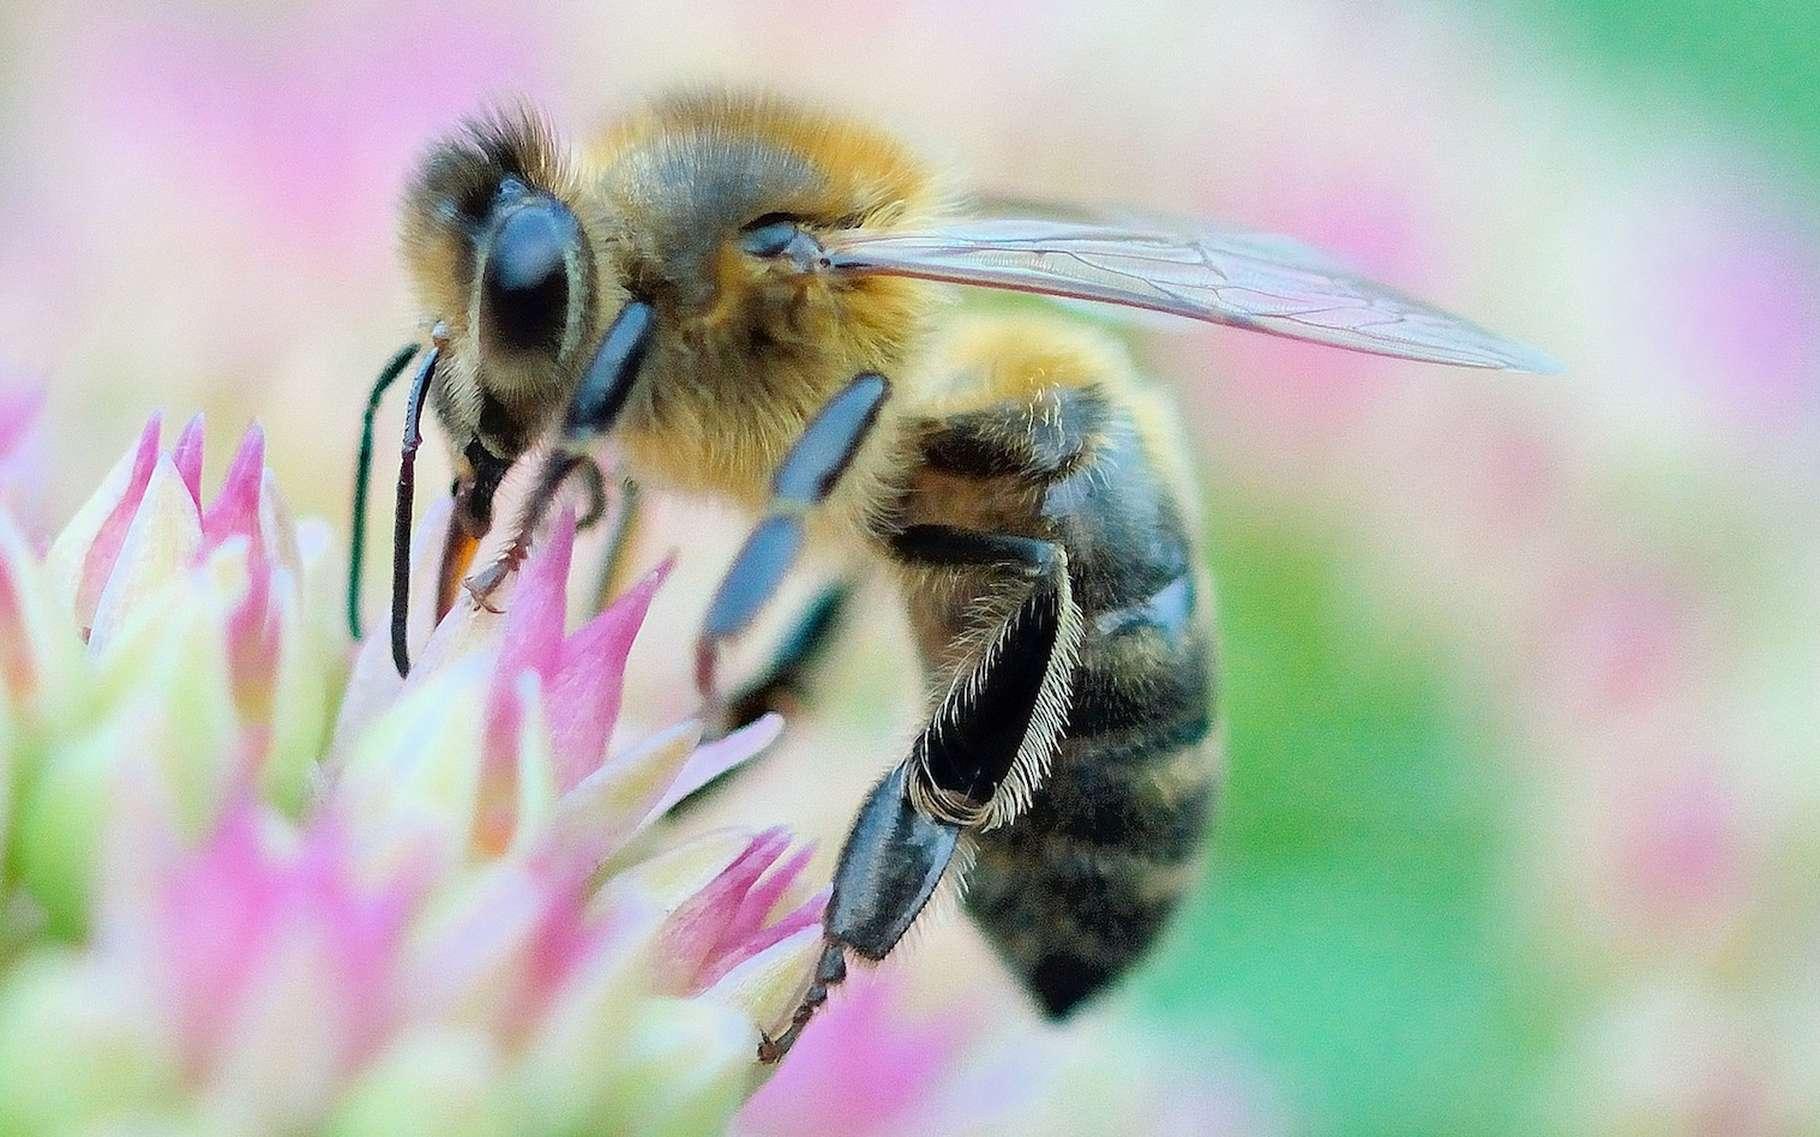 Lorsqu'elle pique un être humain, l'abeille se condamne sans le savoir à une mort certaine. © Bernard Ruelle, Flickr, CC by-nc-nd 2.0